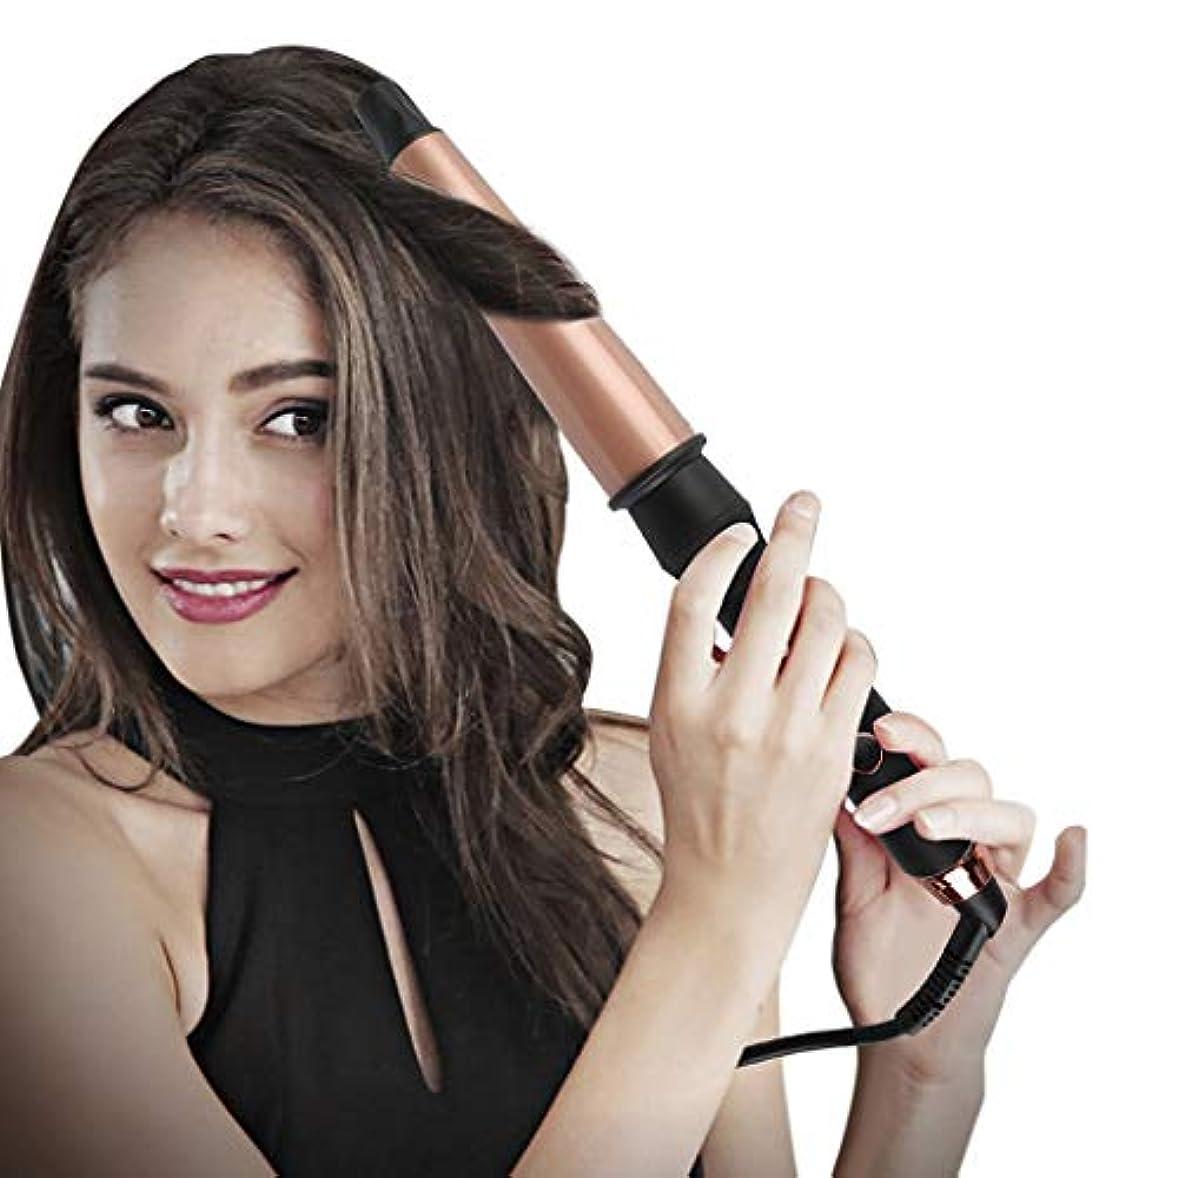 謝罪アンデス山脈桁トルマリンセラミックカーリング鉄カーリングアイロンスパイラルヘアスティック手袋を送信する髪カーラーパーマ液晶自動カーリングアイロンポータブルヘアカーラー髪を傷つけるしない